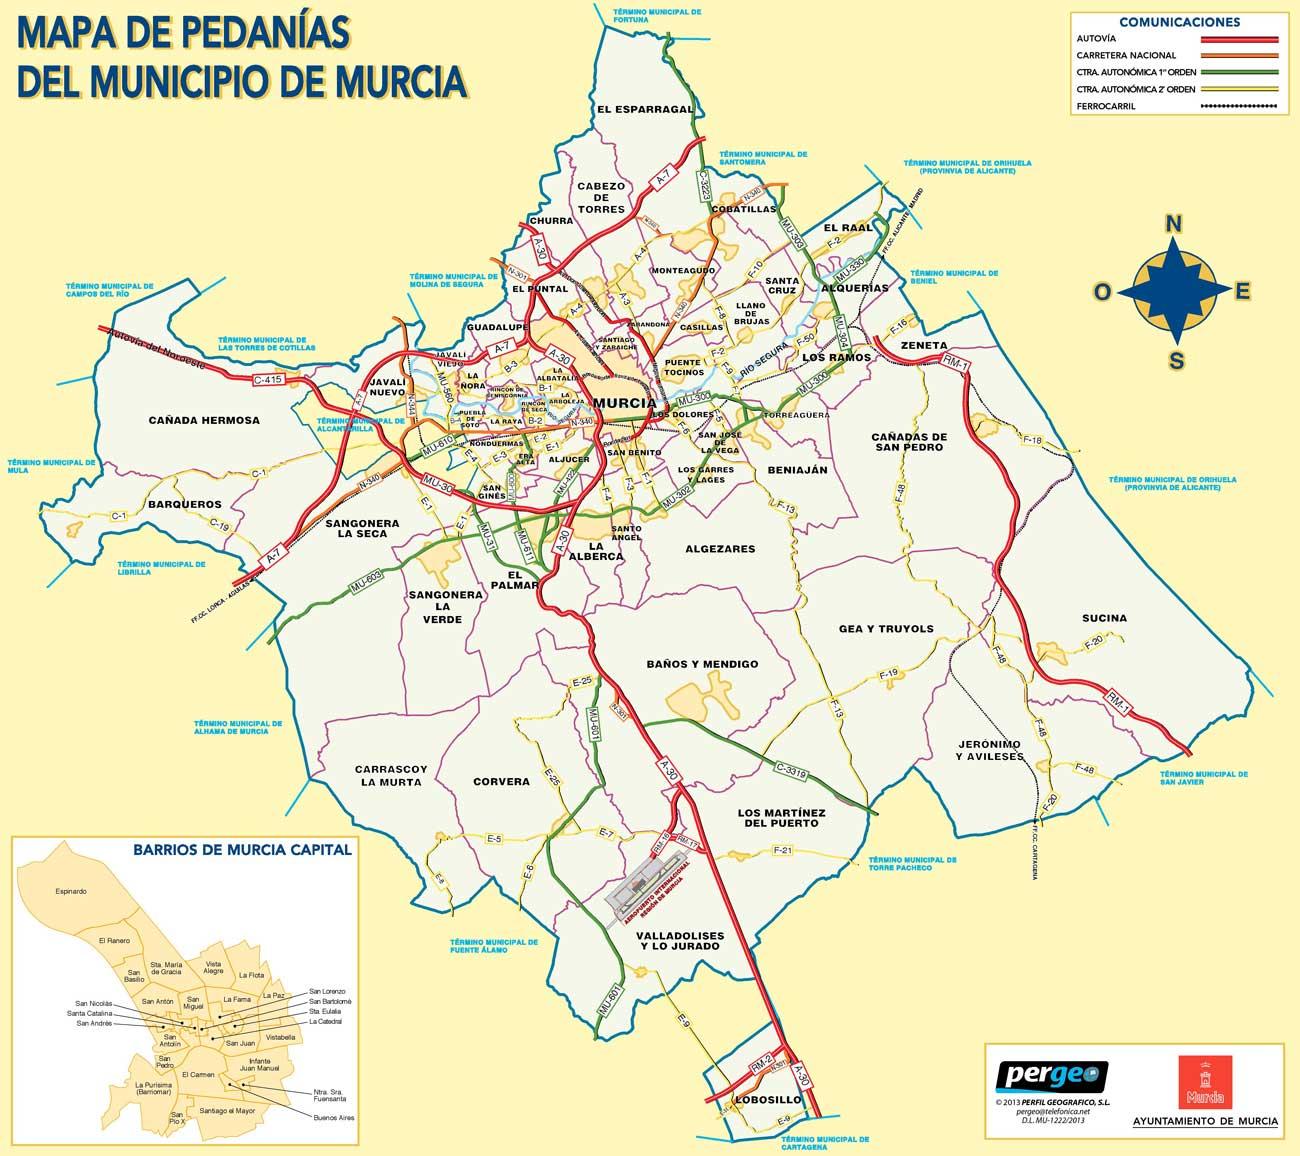 mapas-de-pedanias-1300px